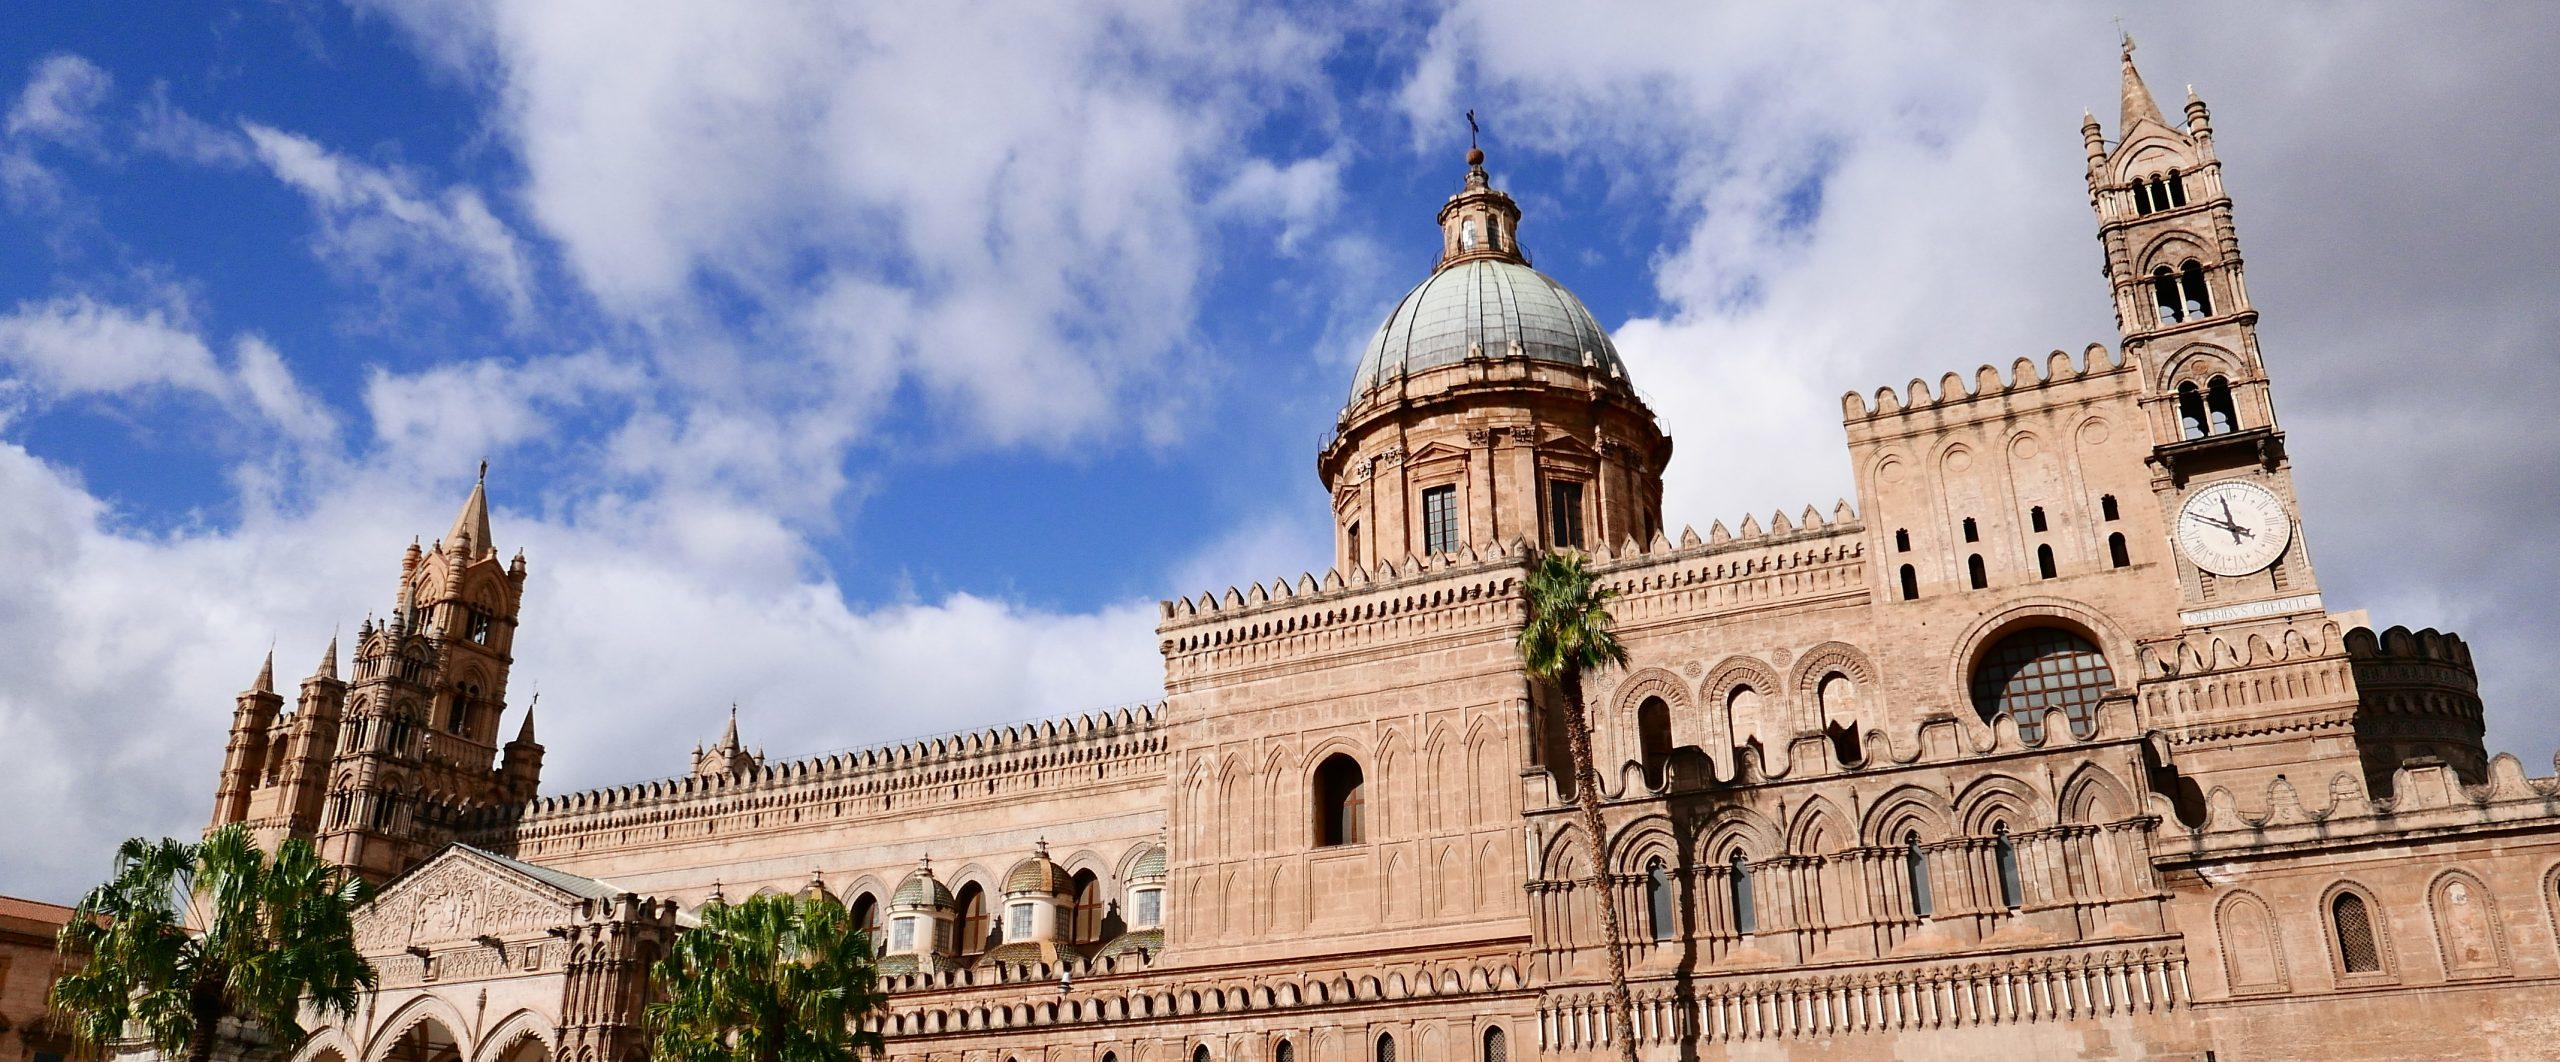 西西里島景點|世界文化遺產巴勒摩&蒙雷阿萊主教座堂與住宿推薦